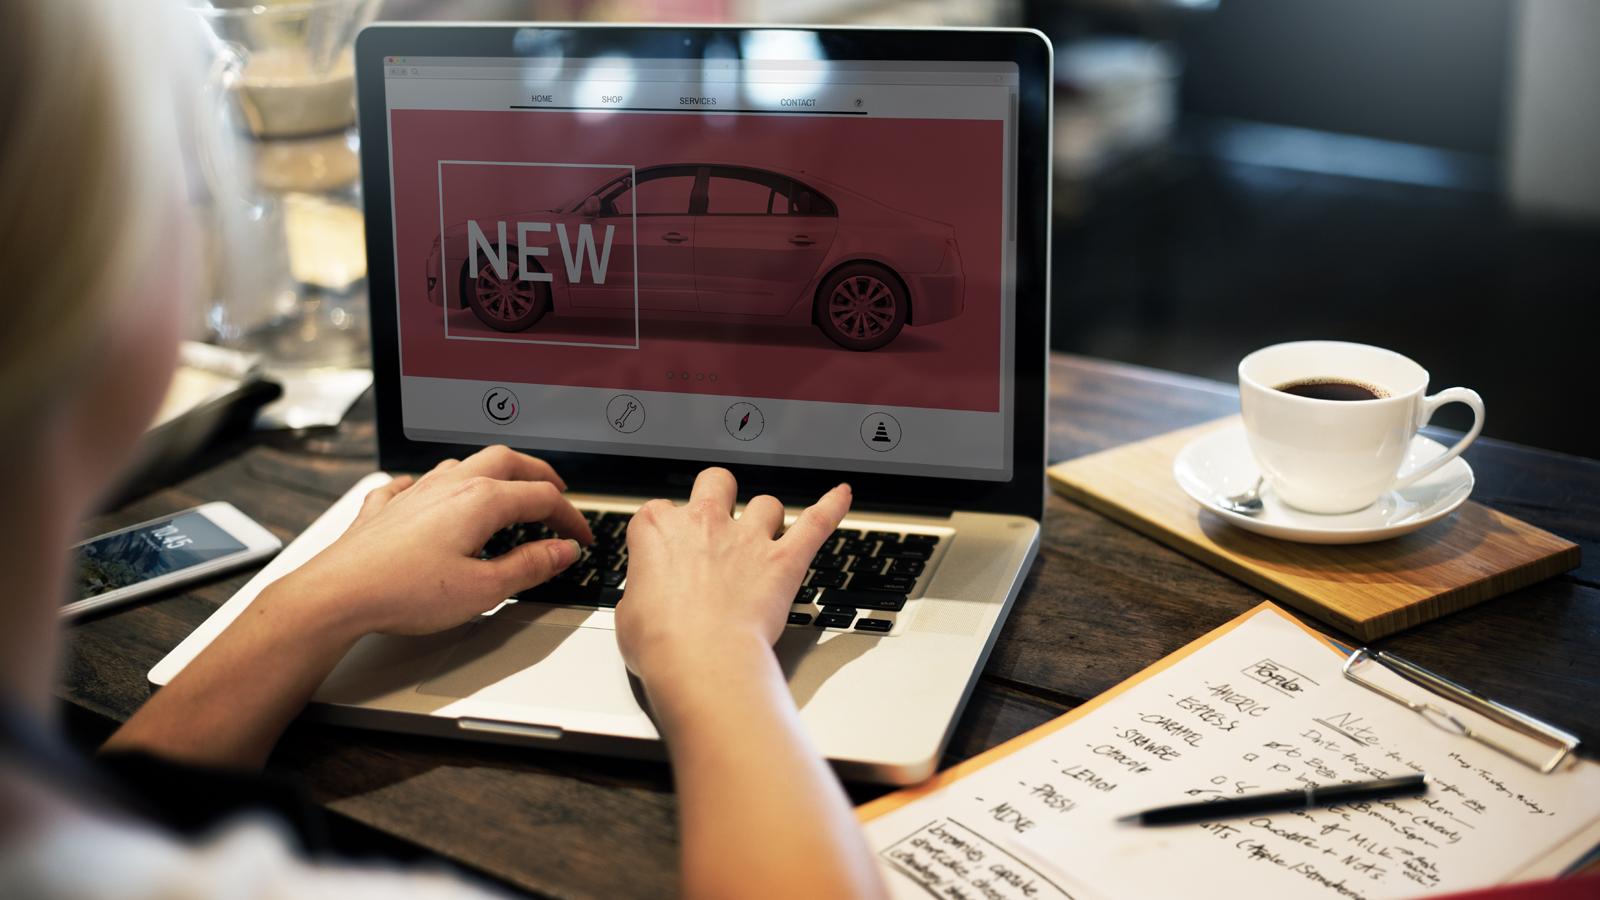 Assicurazione online le promozioni del momento for Assicurazione casa on line